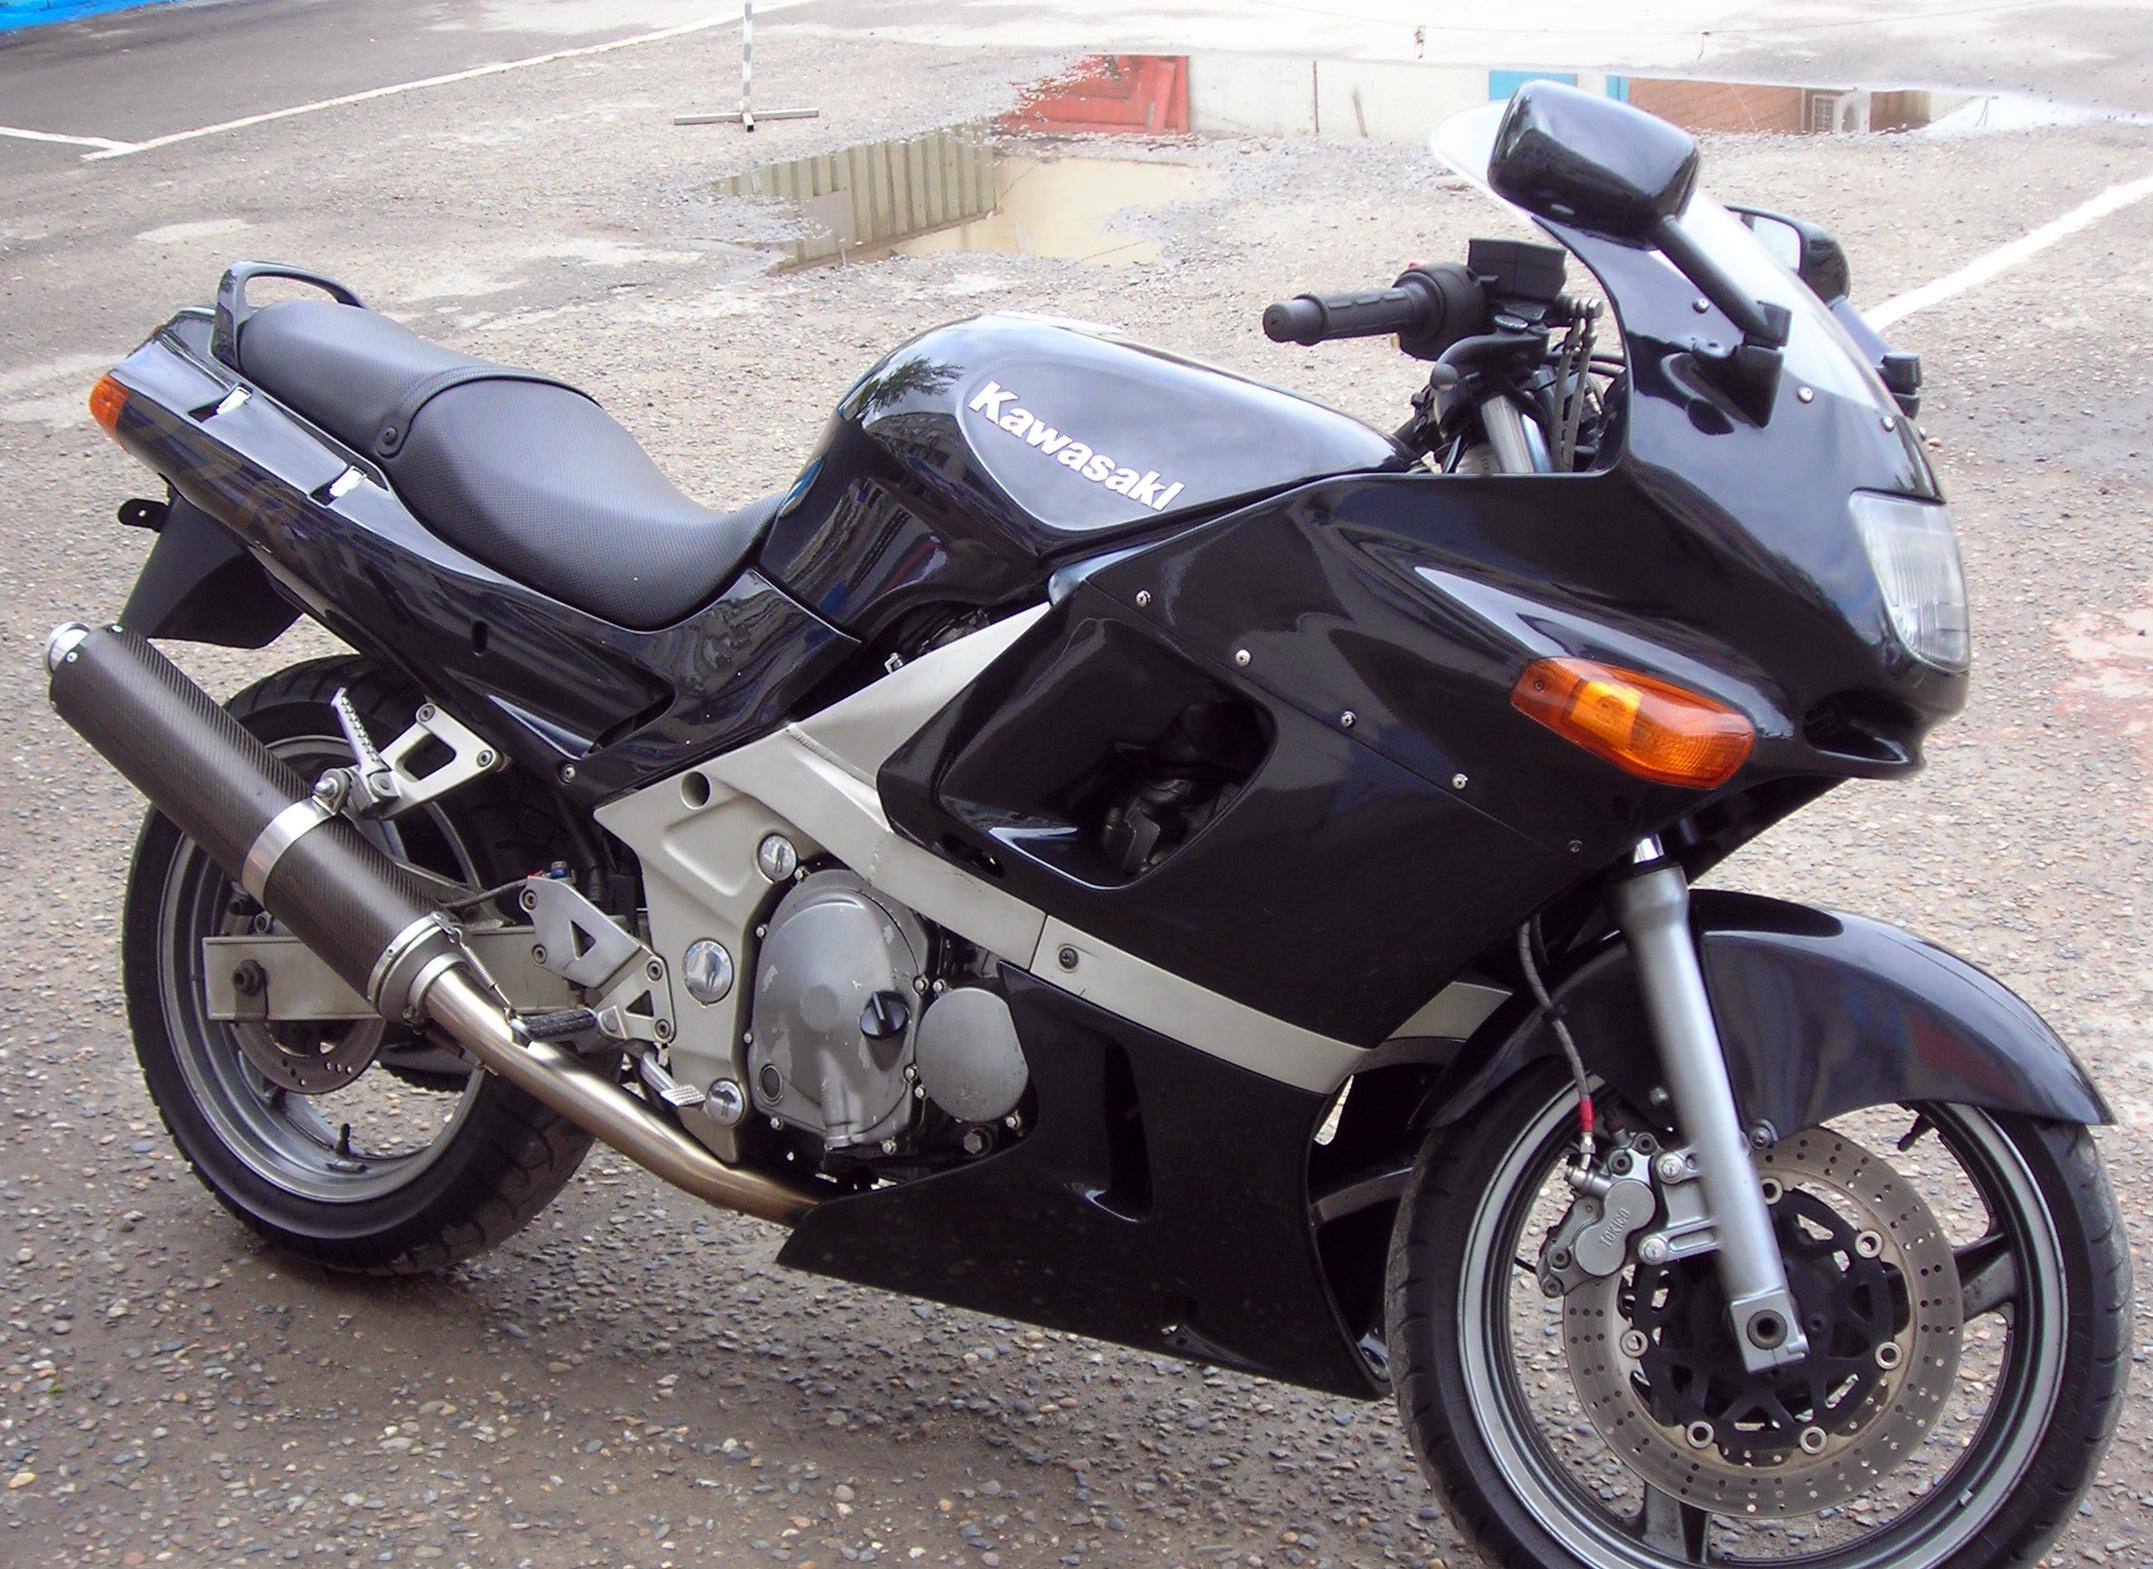 Вы можете приобрести у нас б/у запчасти на эти мотоциклы кавасаки и заказать ремонт.